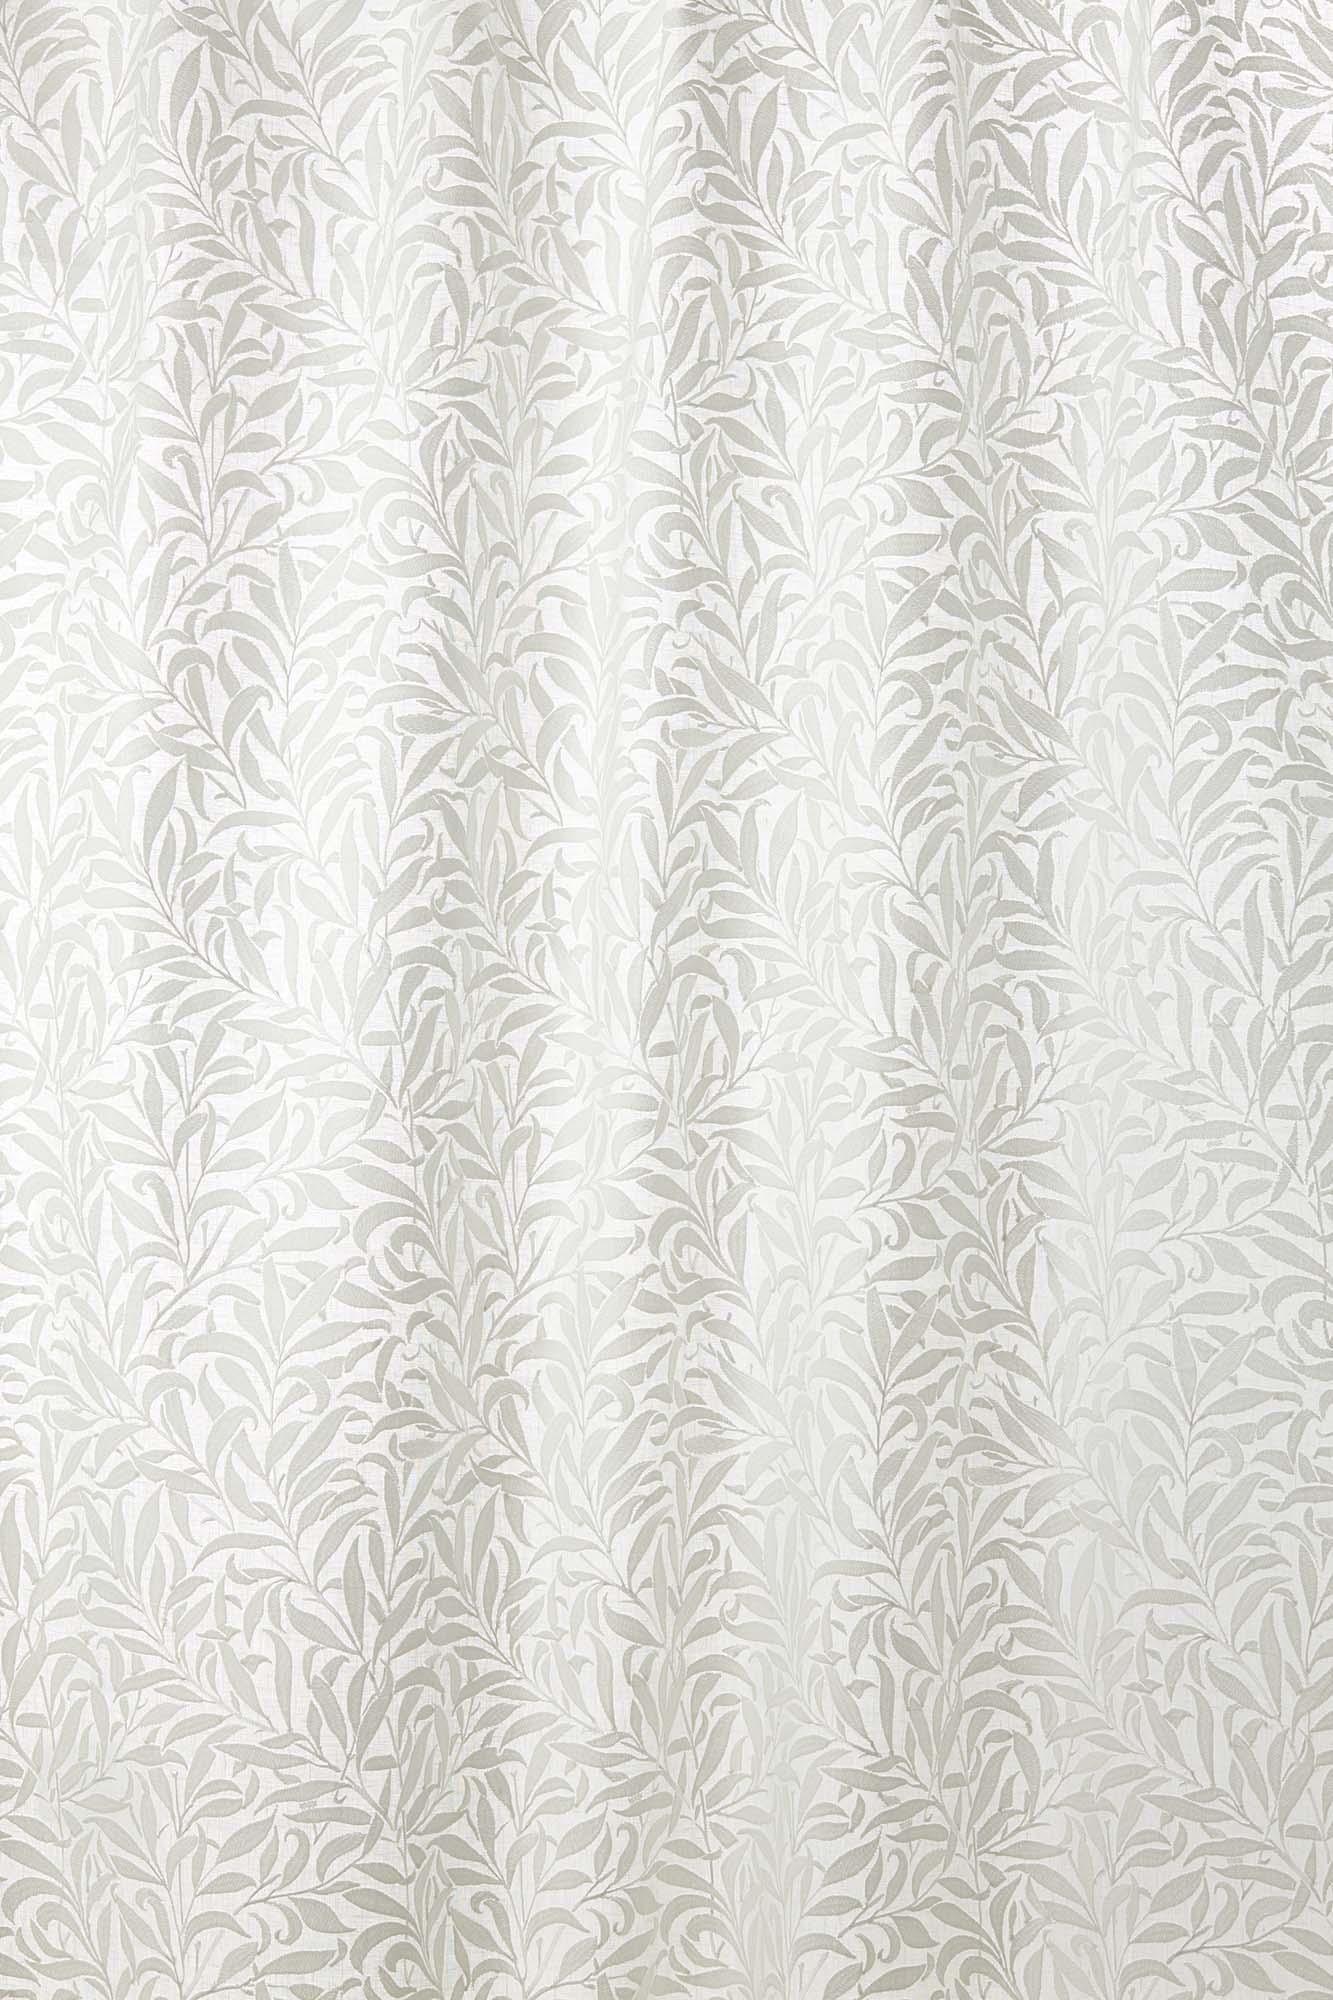 ウィリアムモリス生地 Pure Willow Bough Embroidery 236065